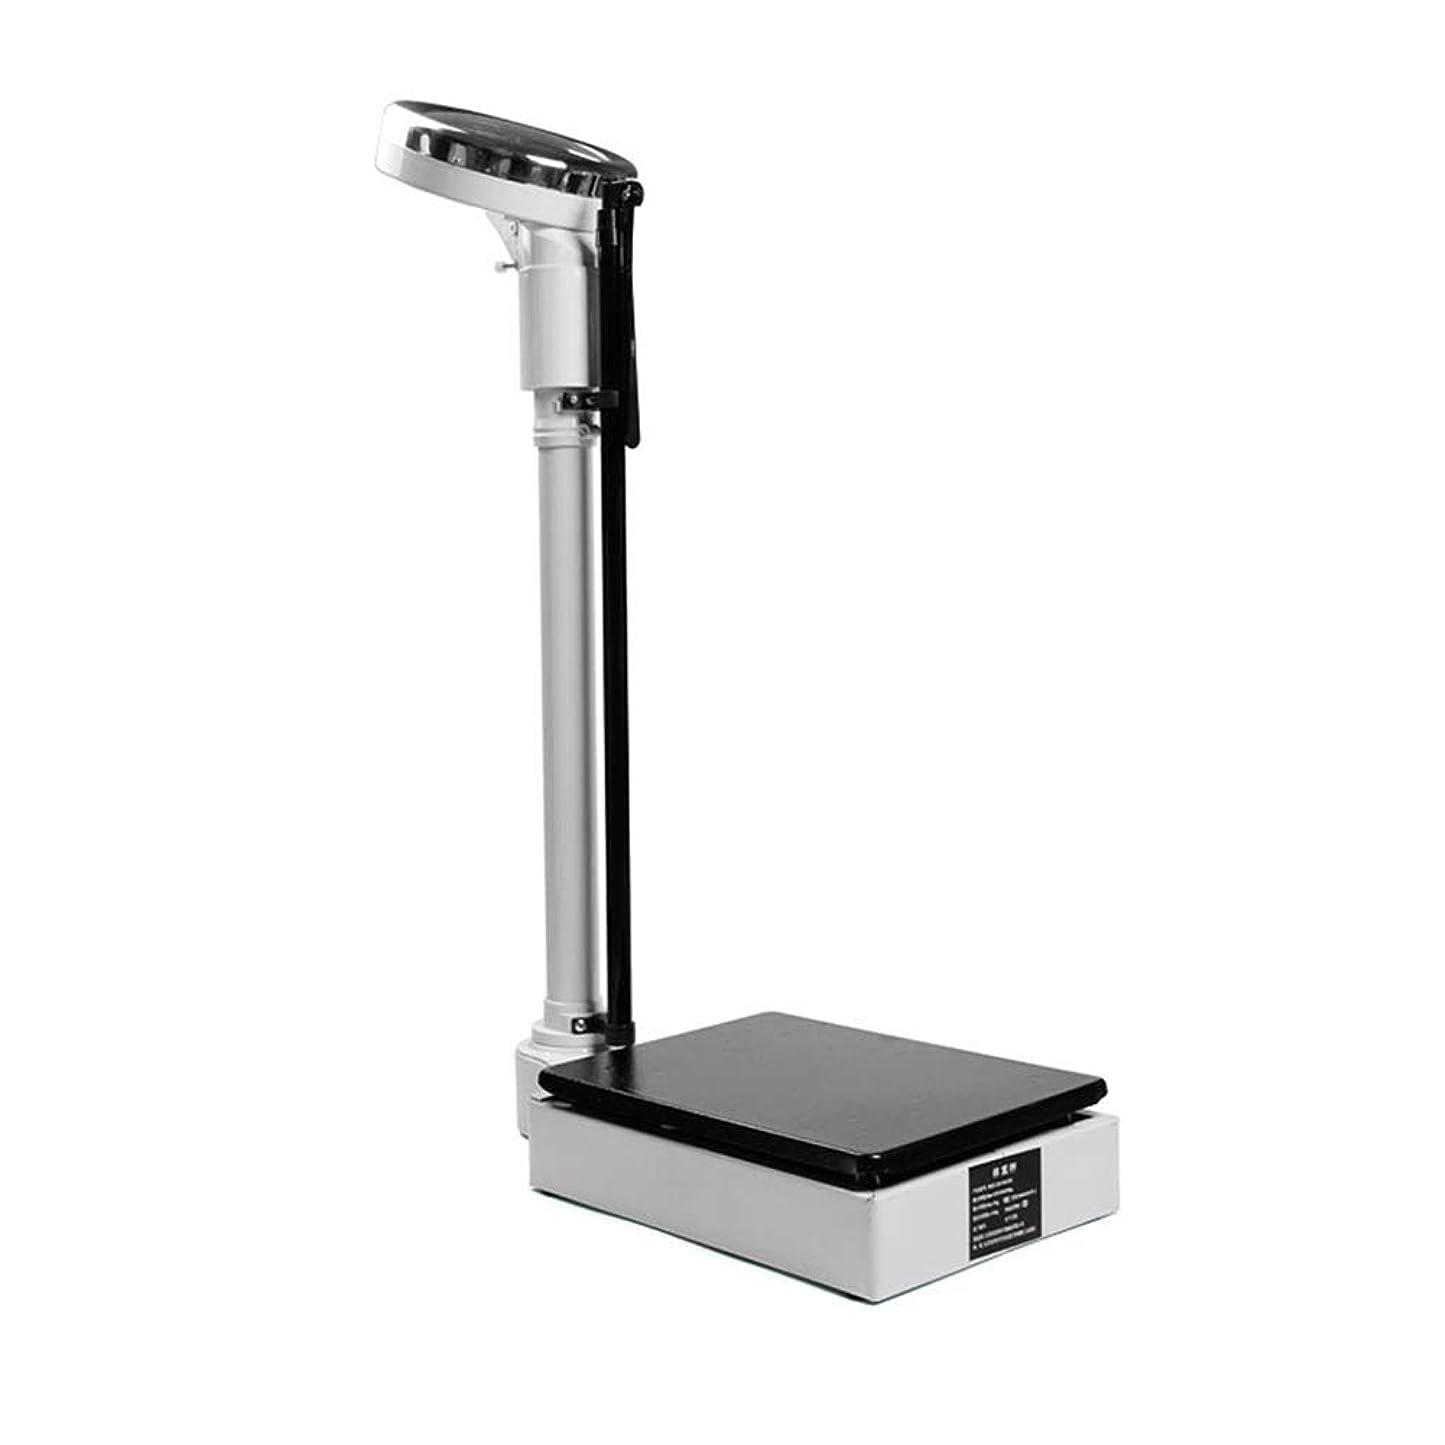 強調高潔な無機械式体重計 - 高精度の身長と体重計、ヘルスモニター、アナログダイヤル、160 kg